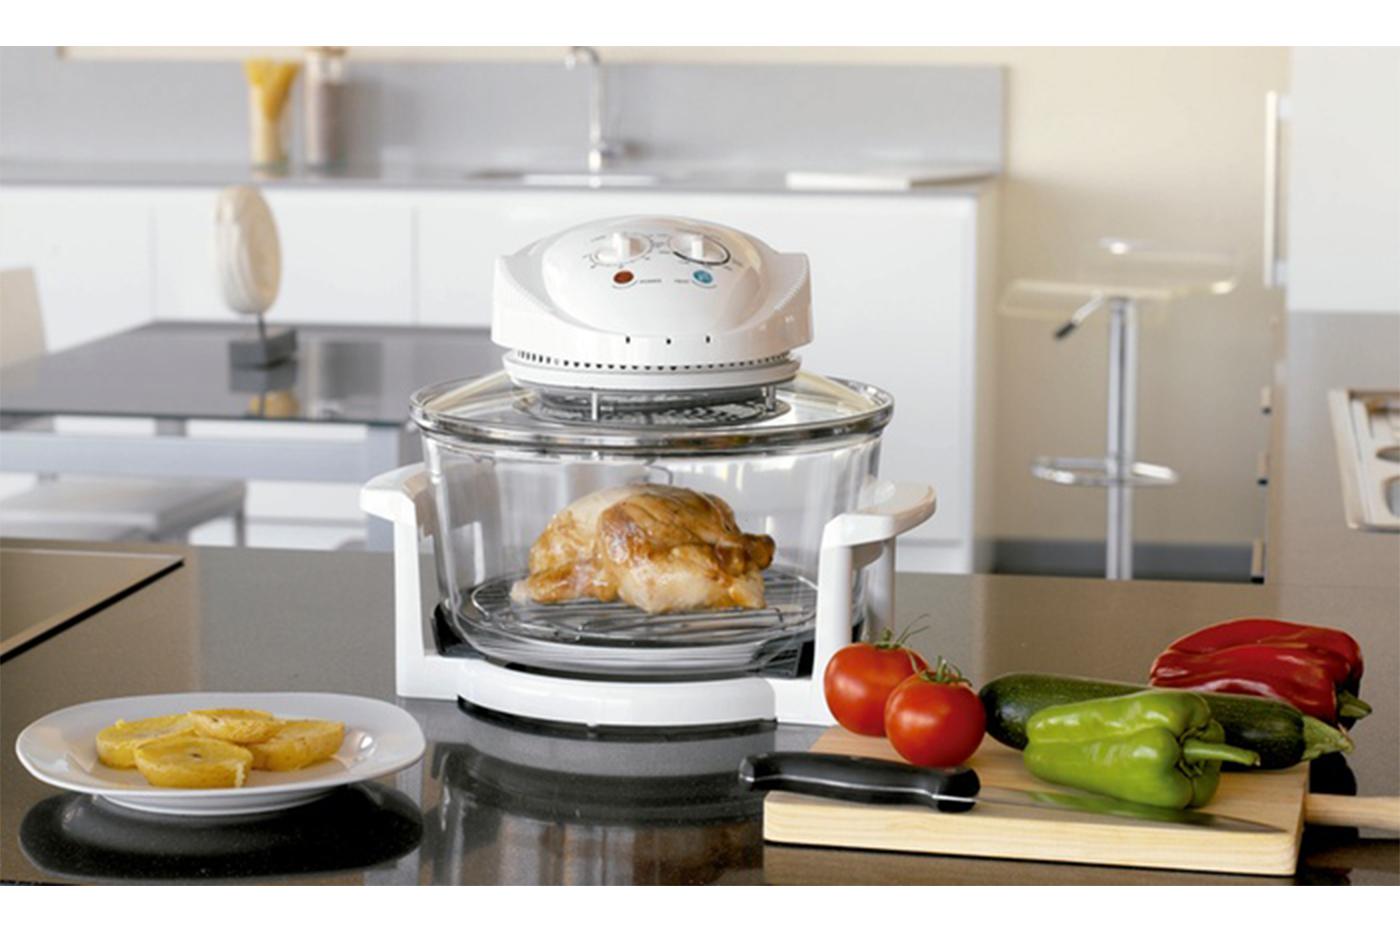 Forno fornetto alogeno 12L 1400W multifunzione robot cucina cottura H0-200